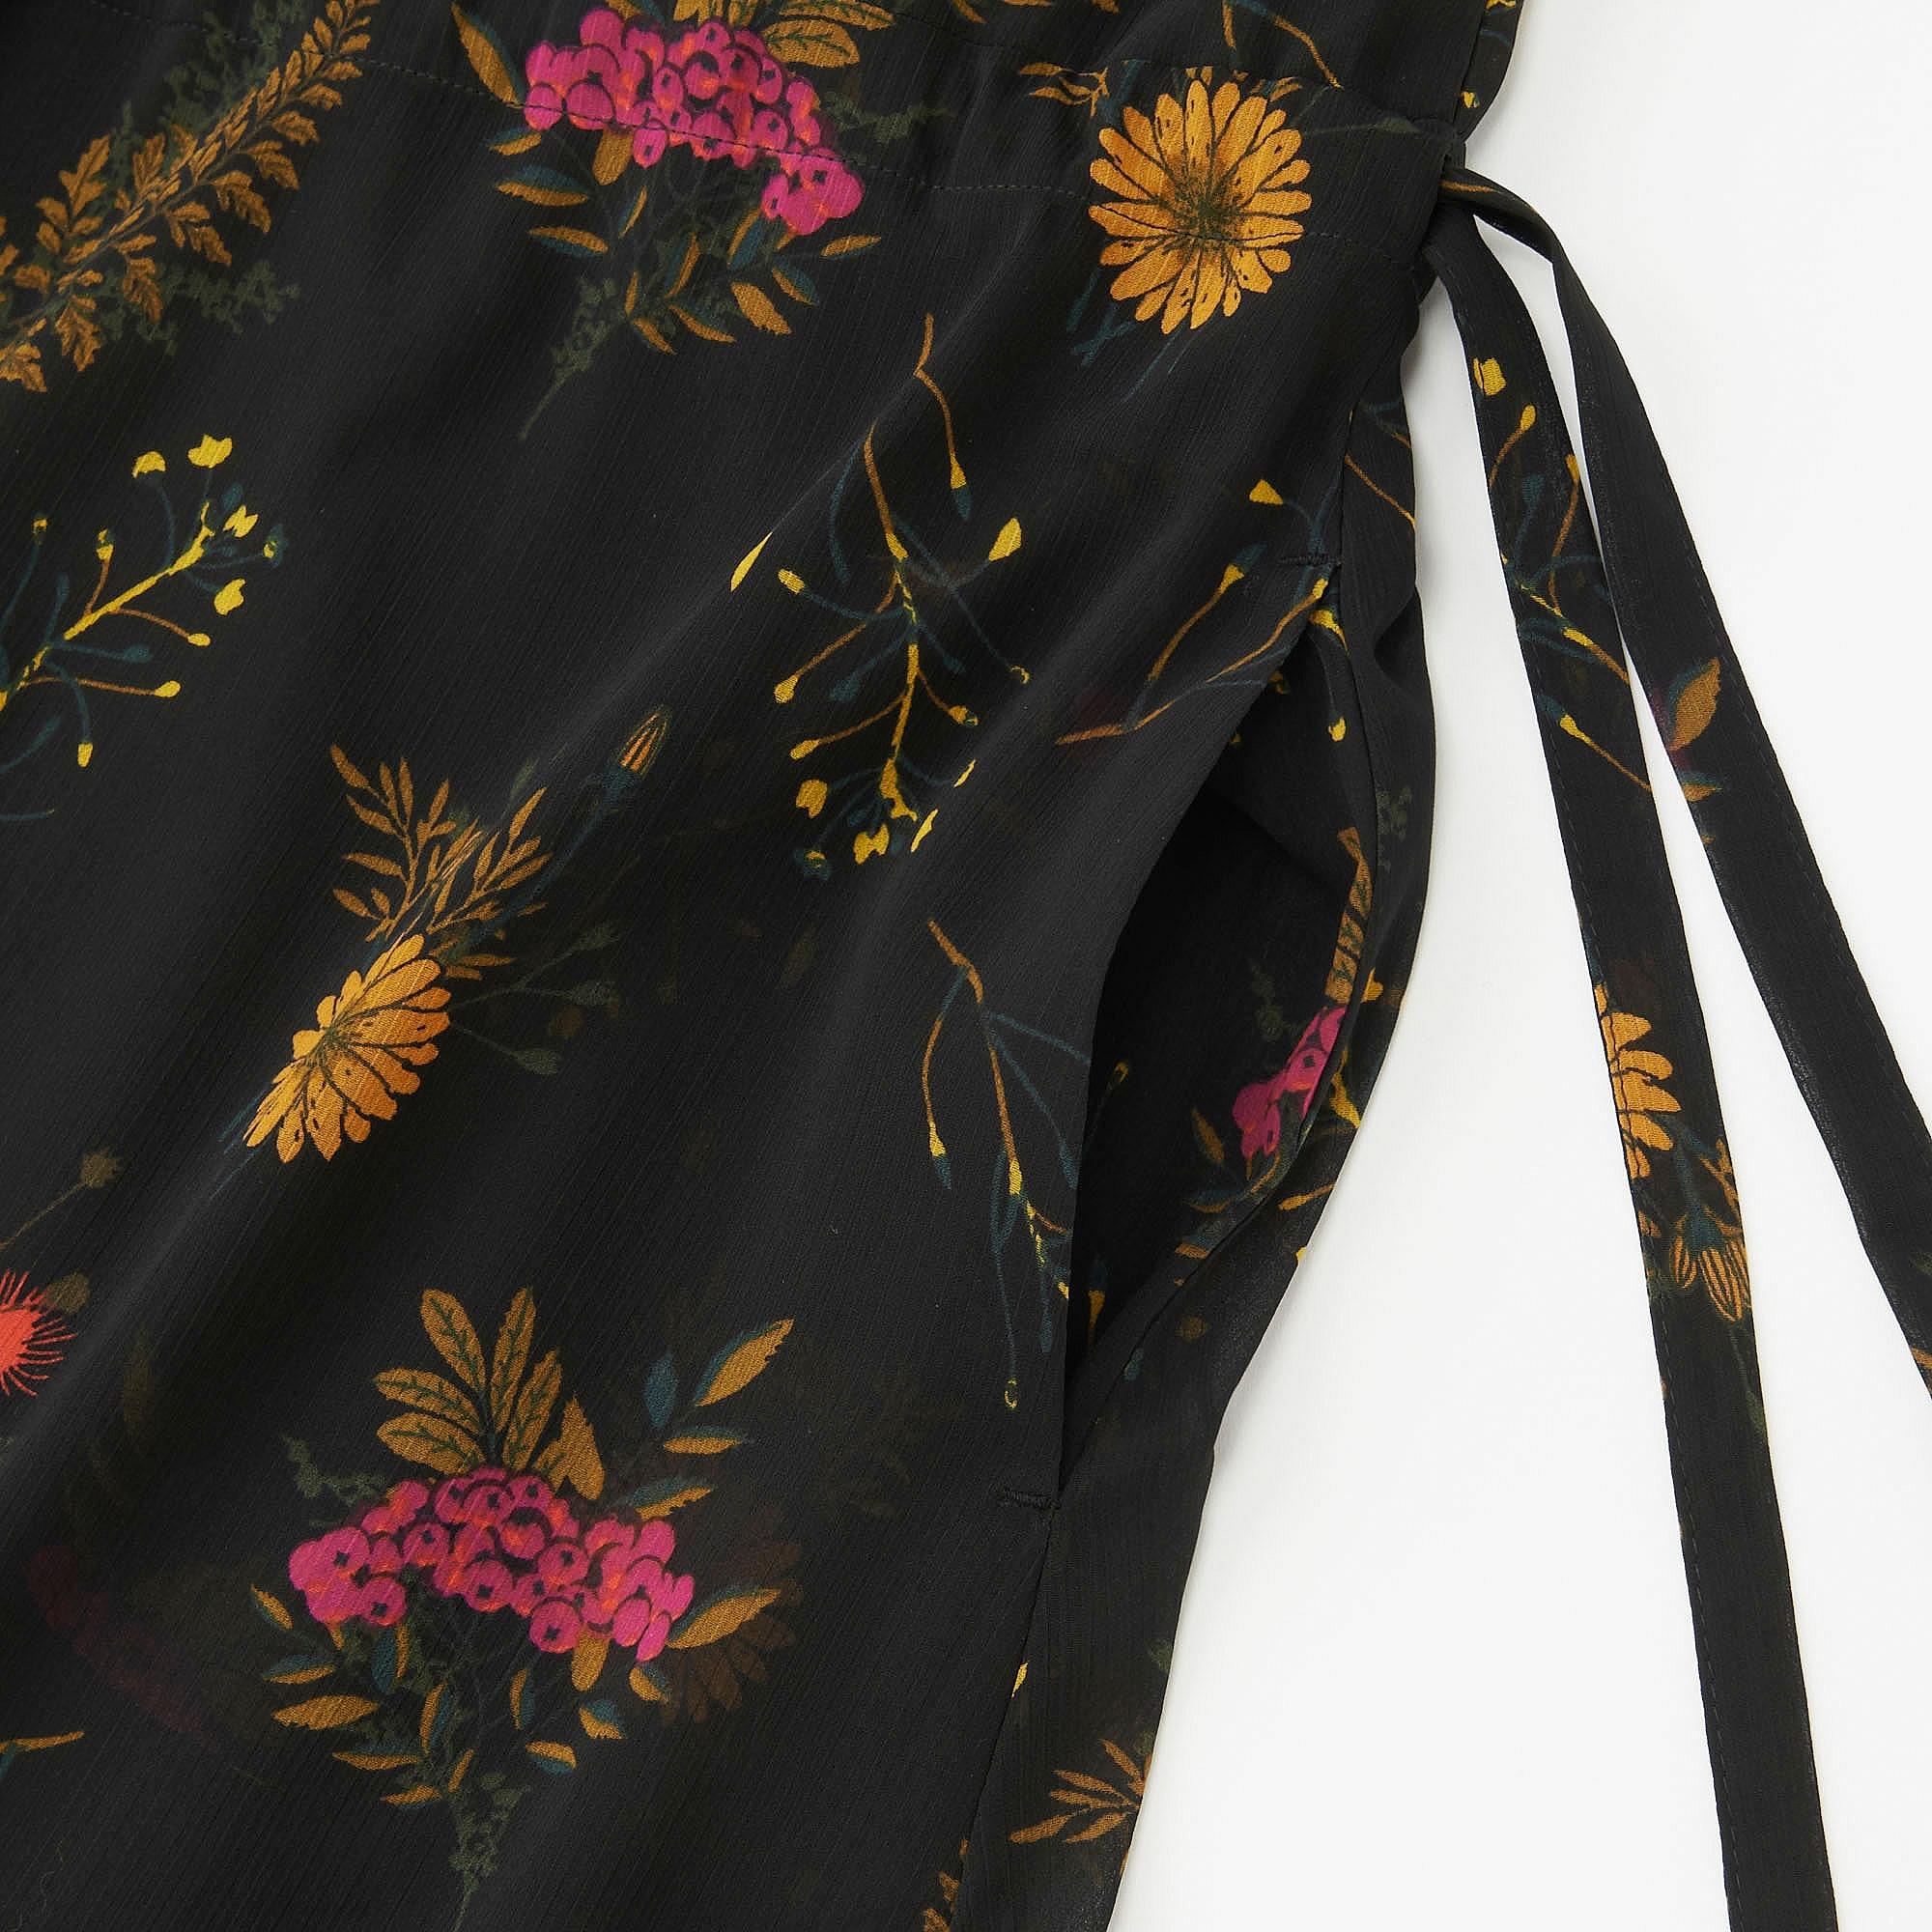 250c9c3f6e0 Uniqlo WOMEN CHIFFON PRINTED LONG SLEEVE DRESS at £24.9